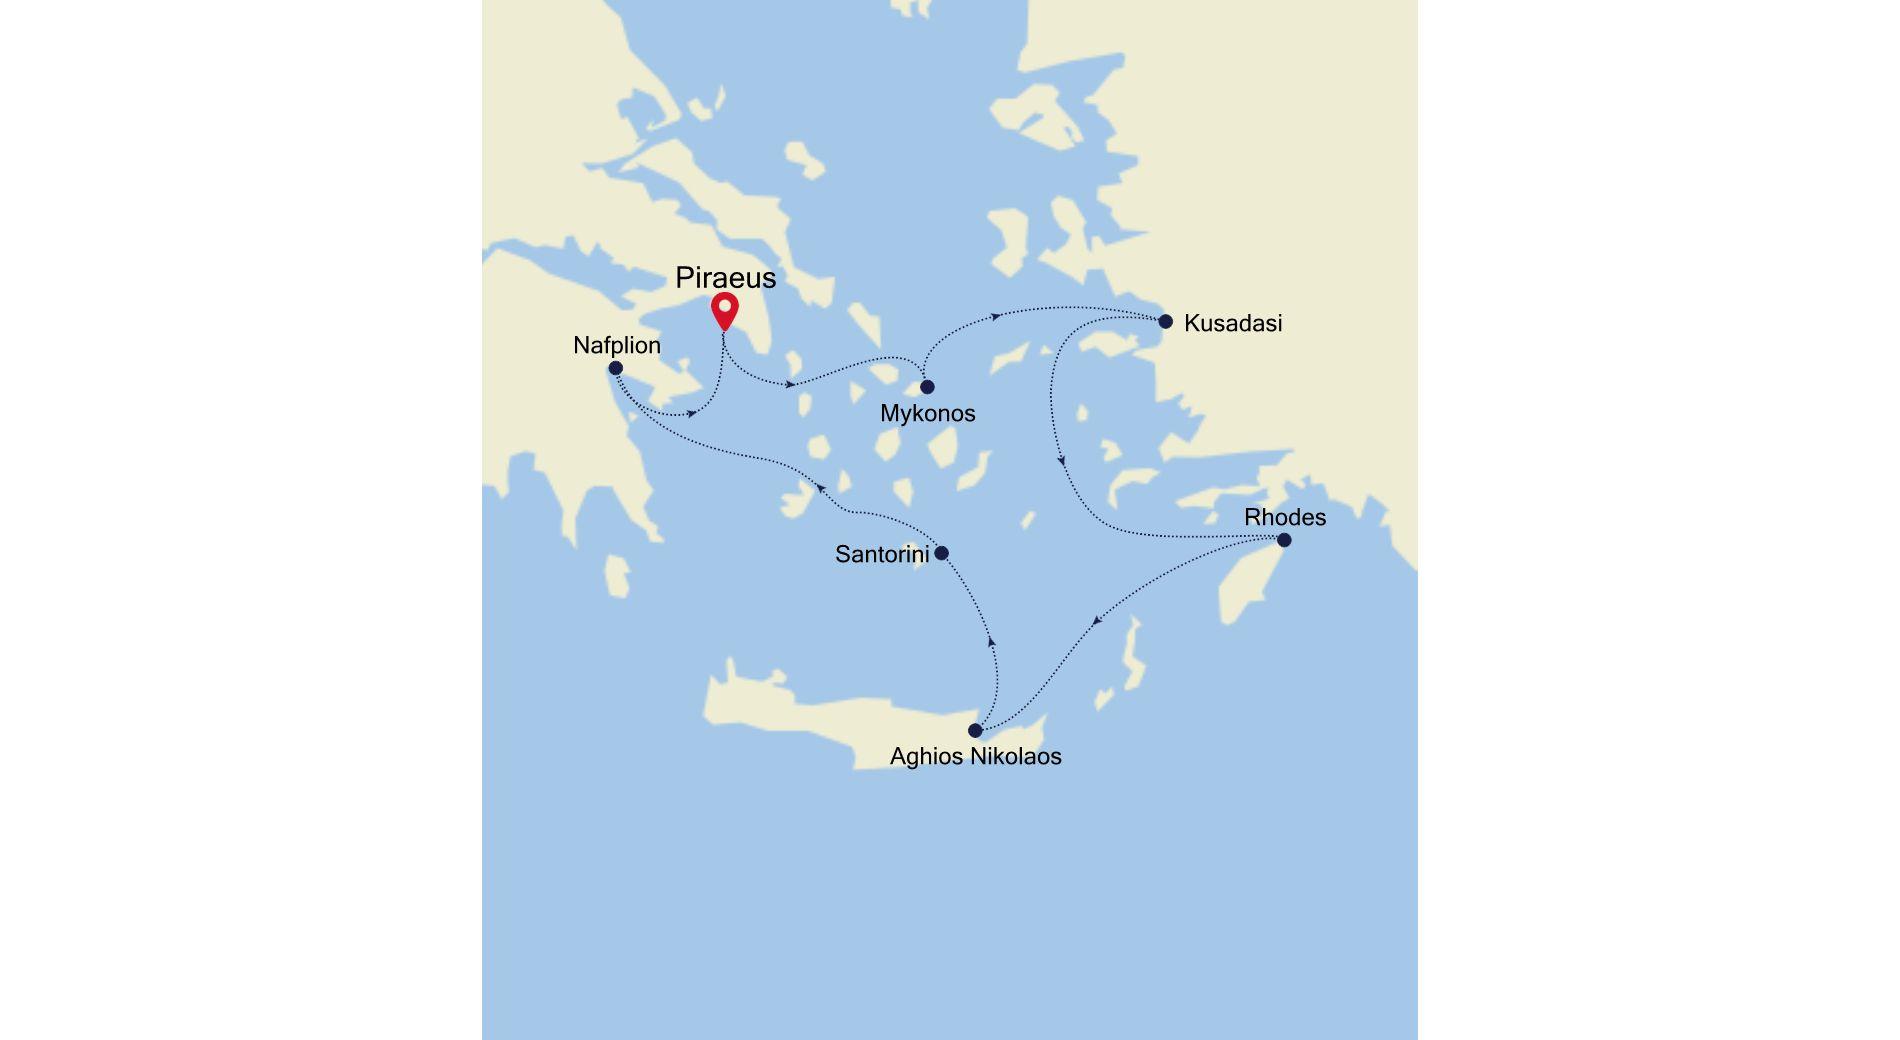 SL200410007 - Piraeus nach Piraeus